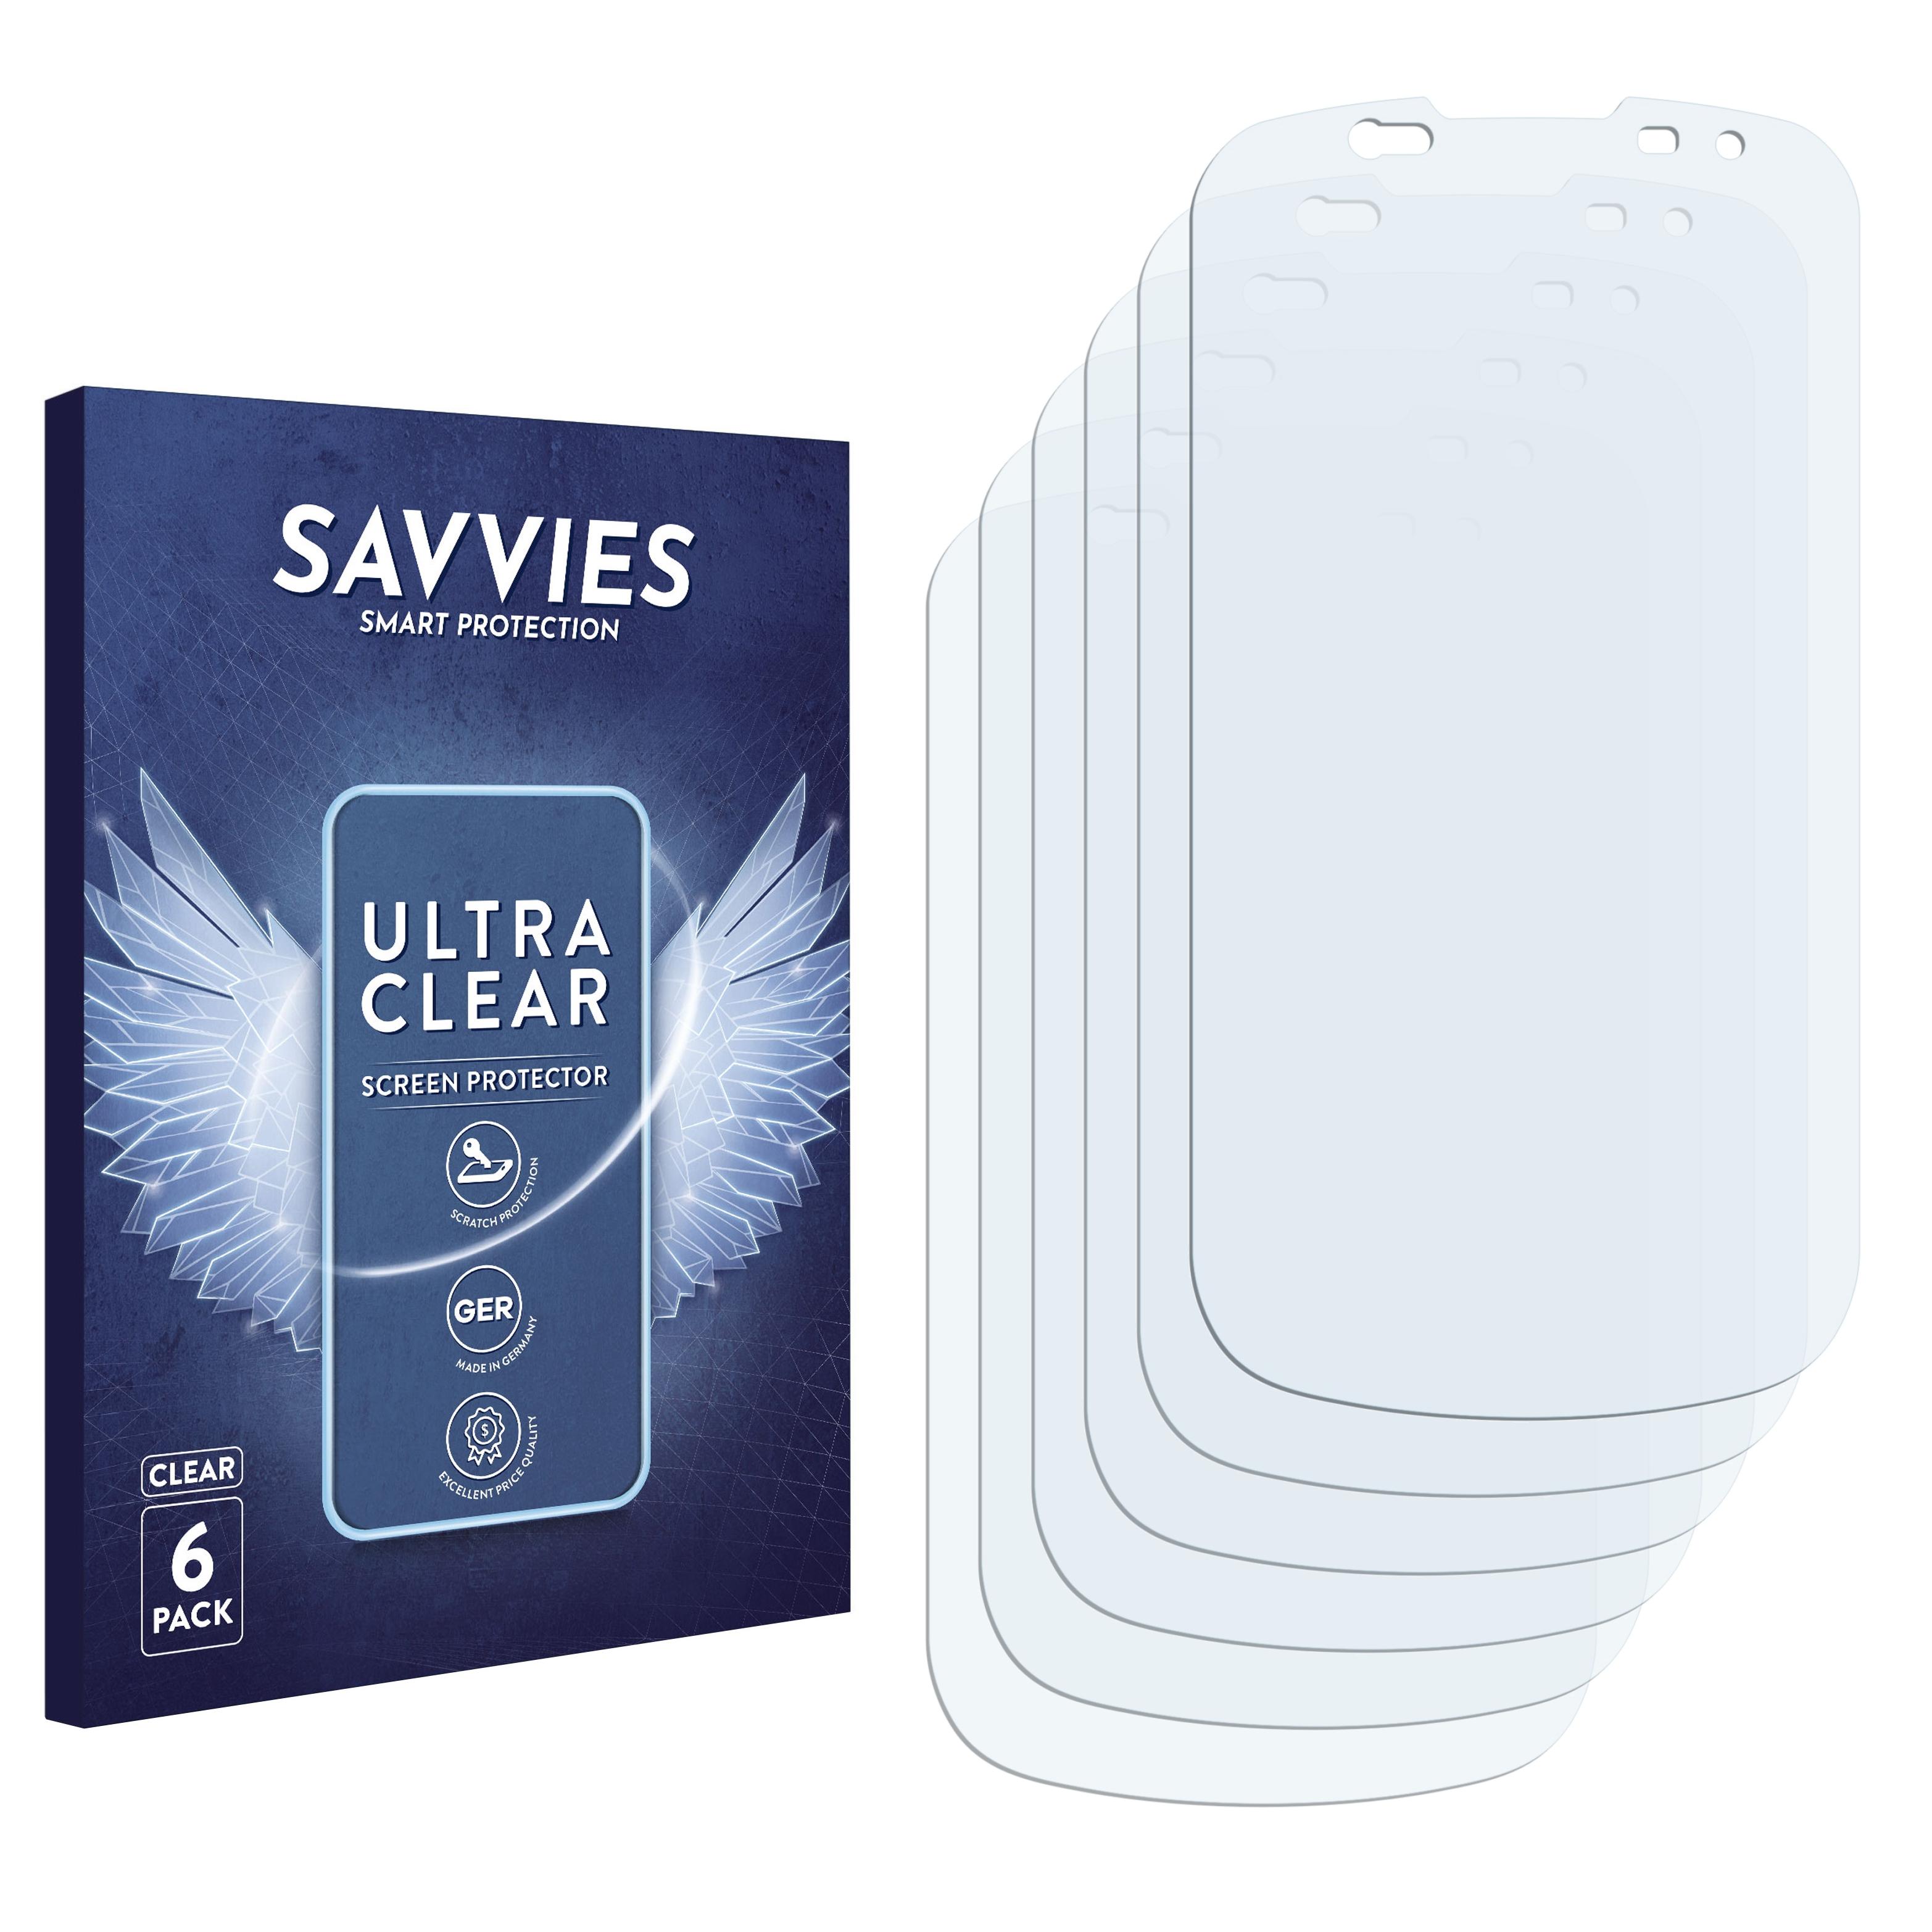 Ochranná fólie Savvies na Samsung Galaxy S Epic 4G, 6ks